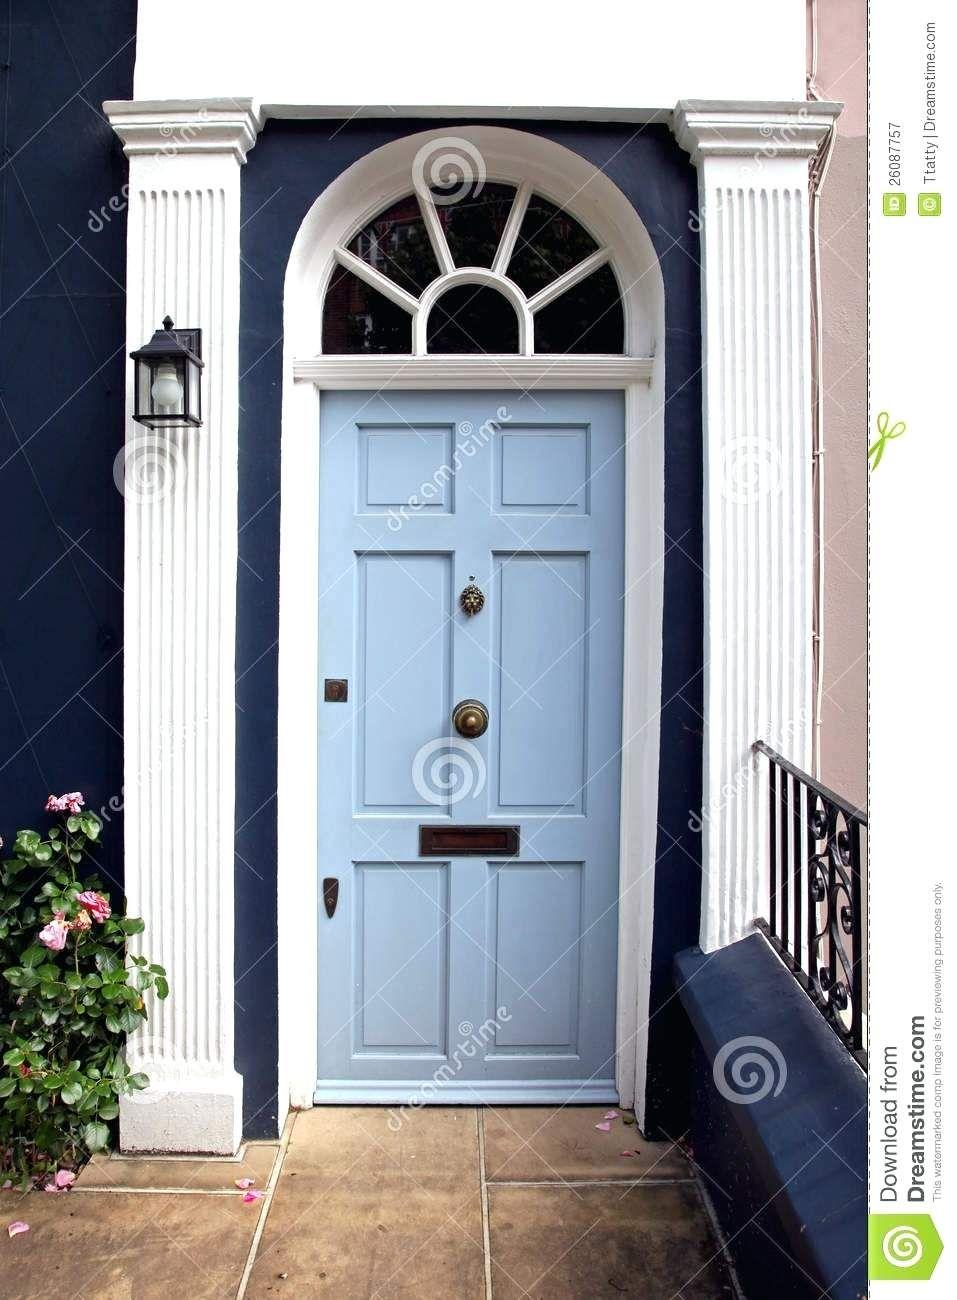 Pin By Anna Boyd On Front Doors Exterior Door Colors Exterior House Colors Lake Houses Exterior